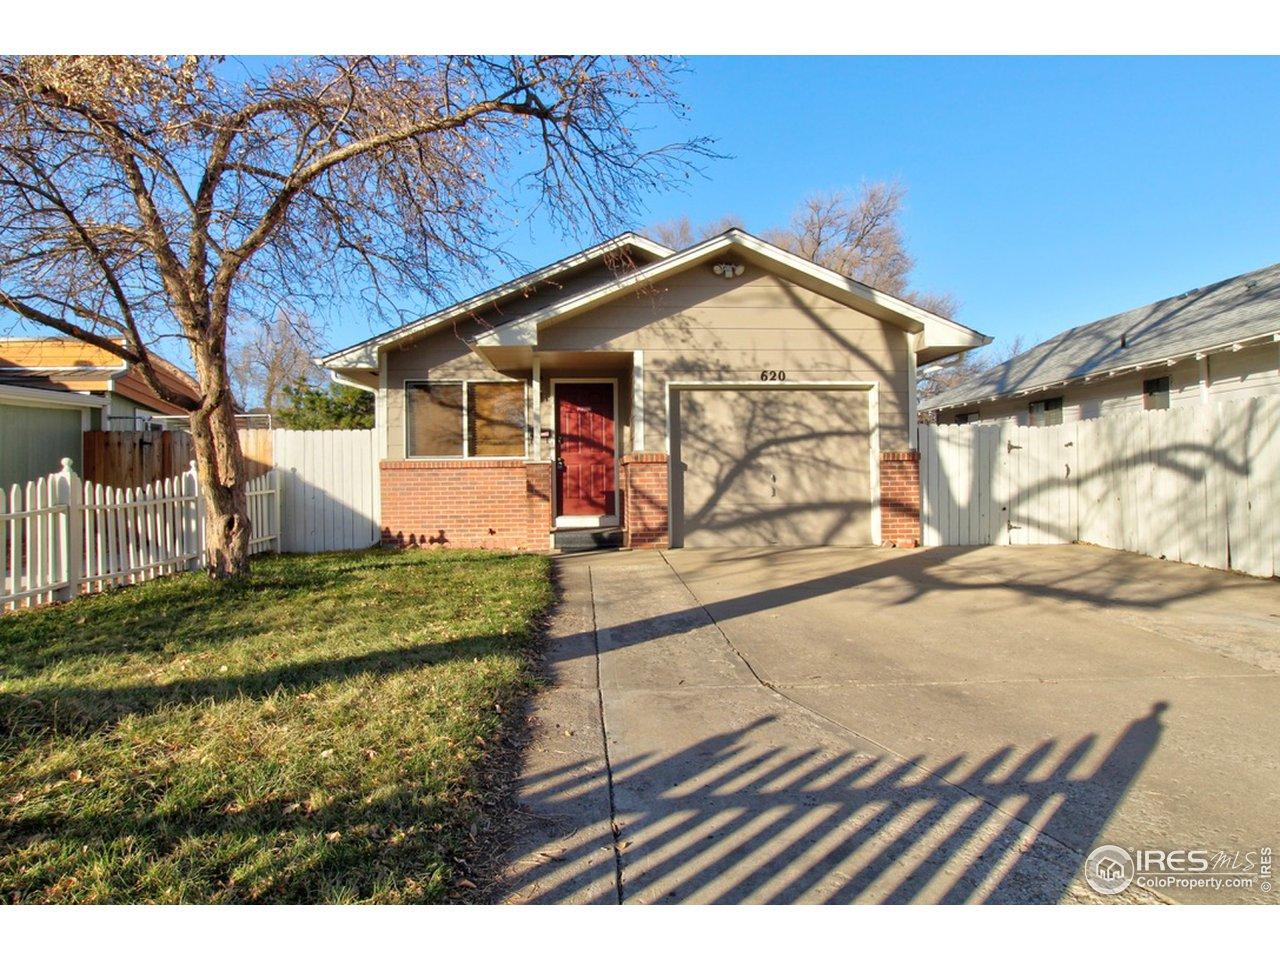 620 E Magnolia St, Fort Collins CO 80524